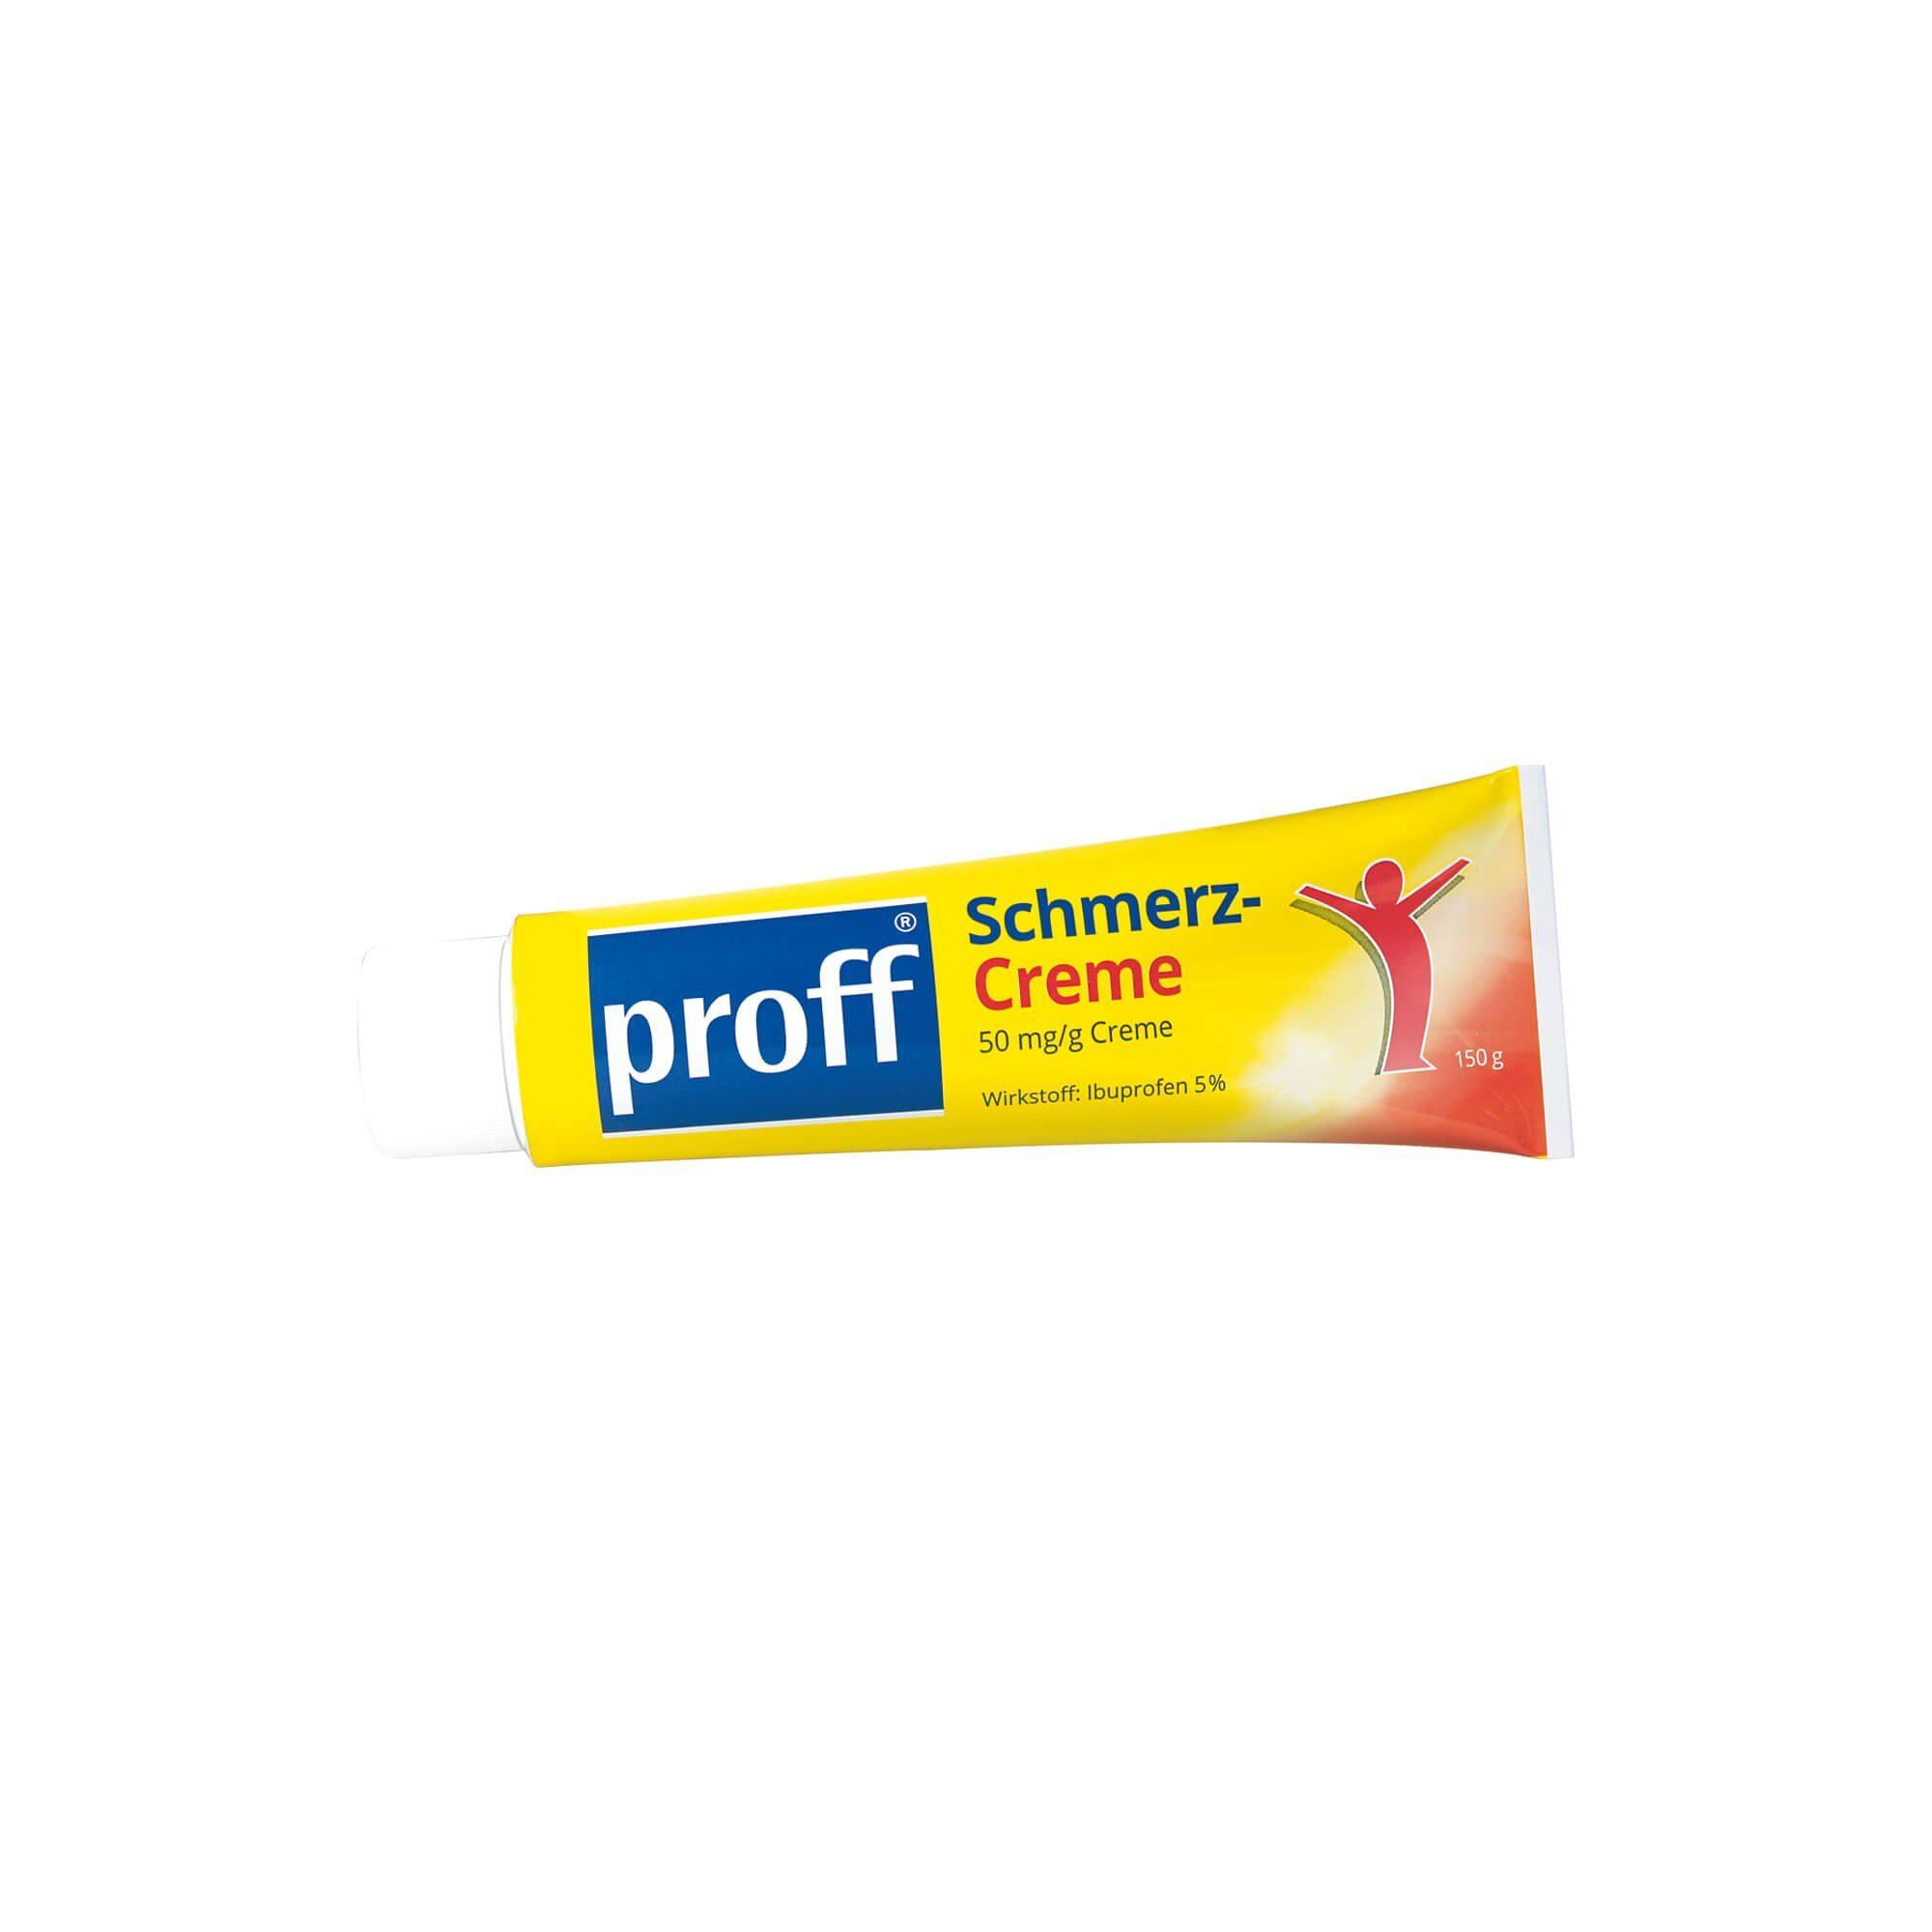 Proff Schmerzcreme 5 %, 150 g